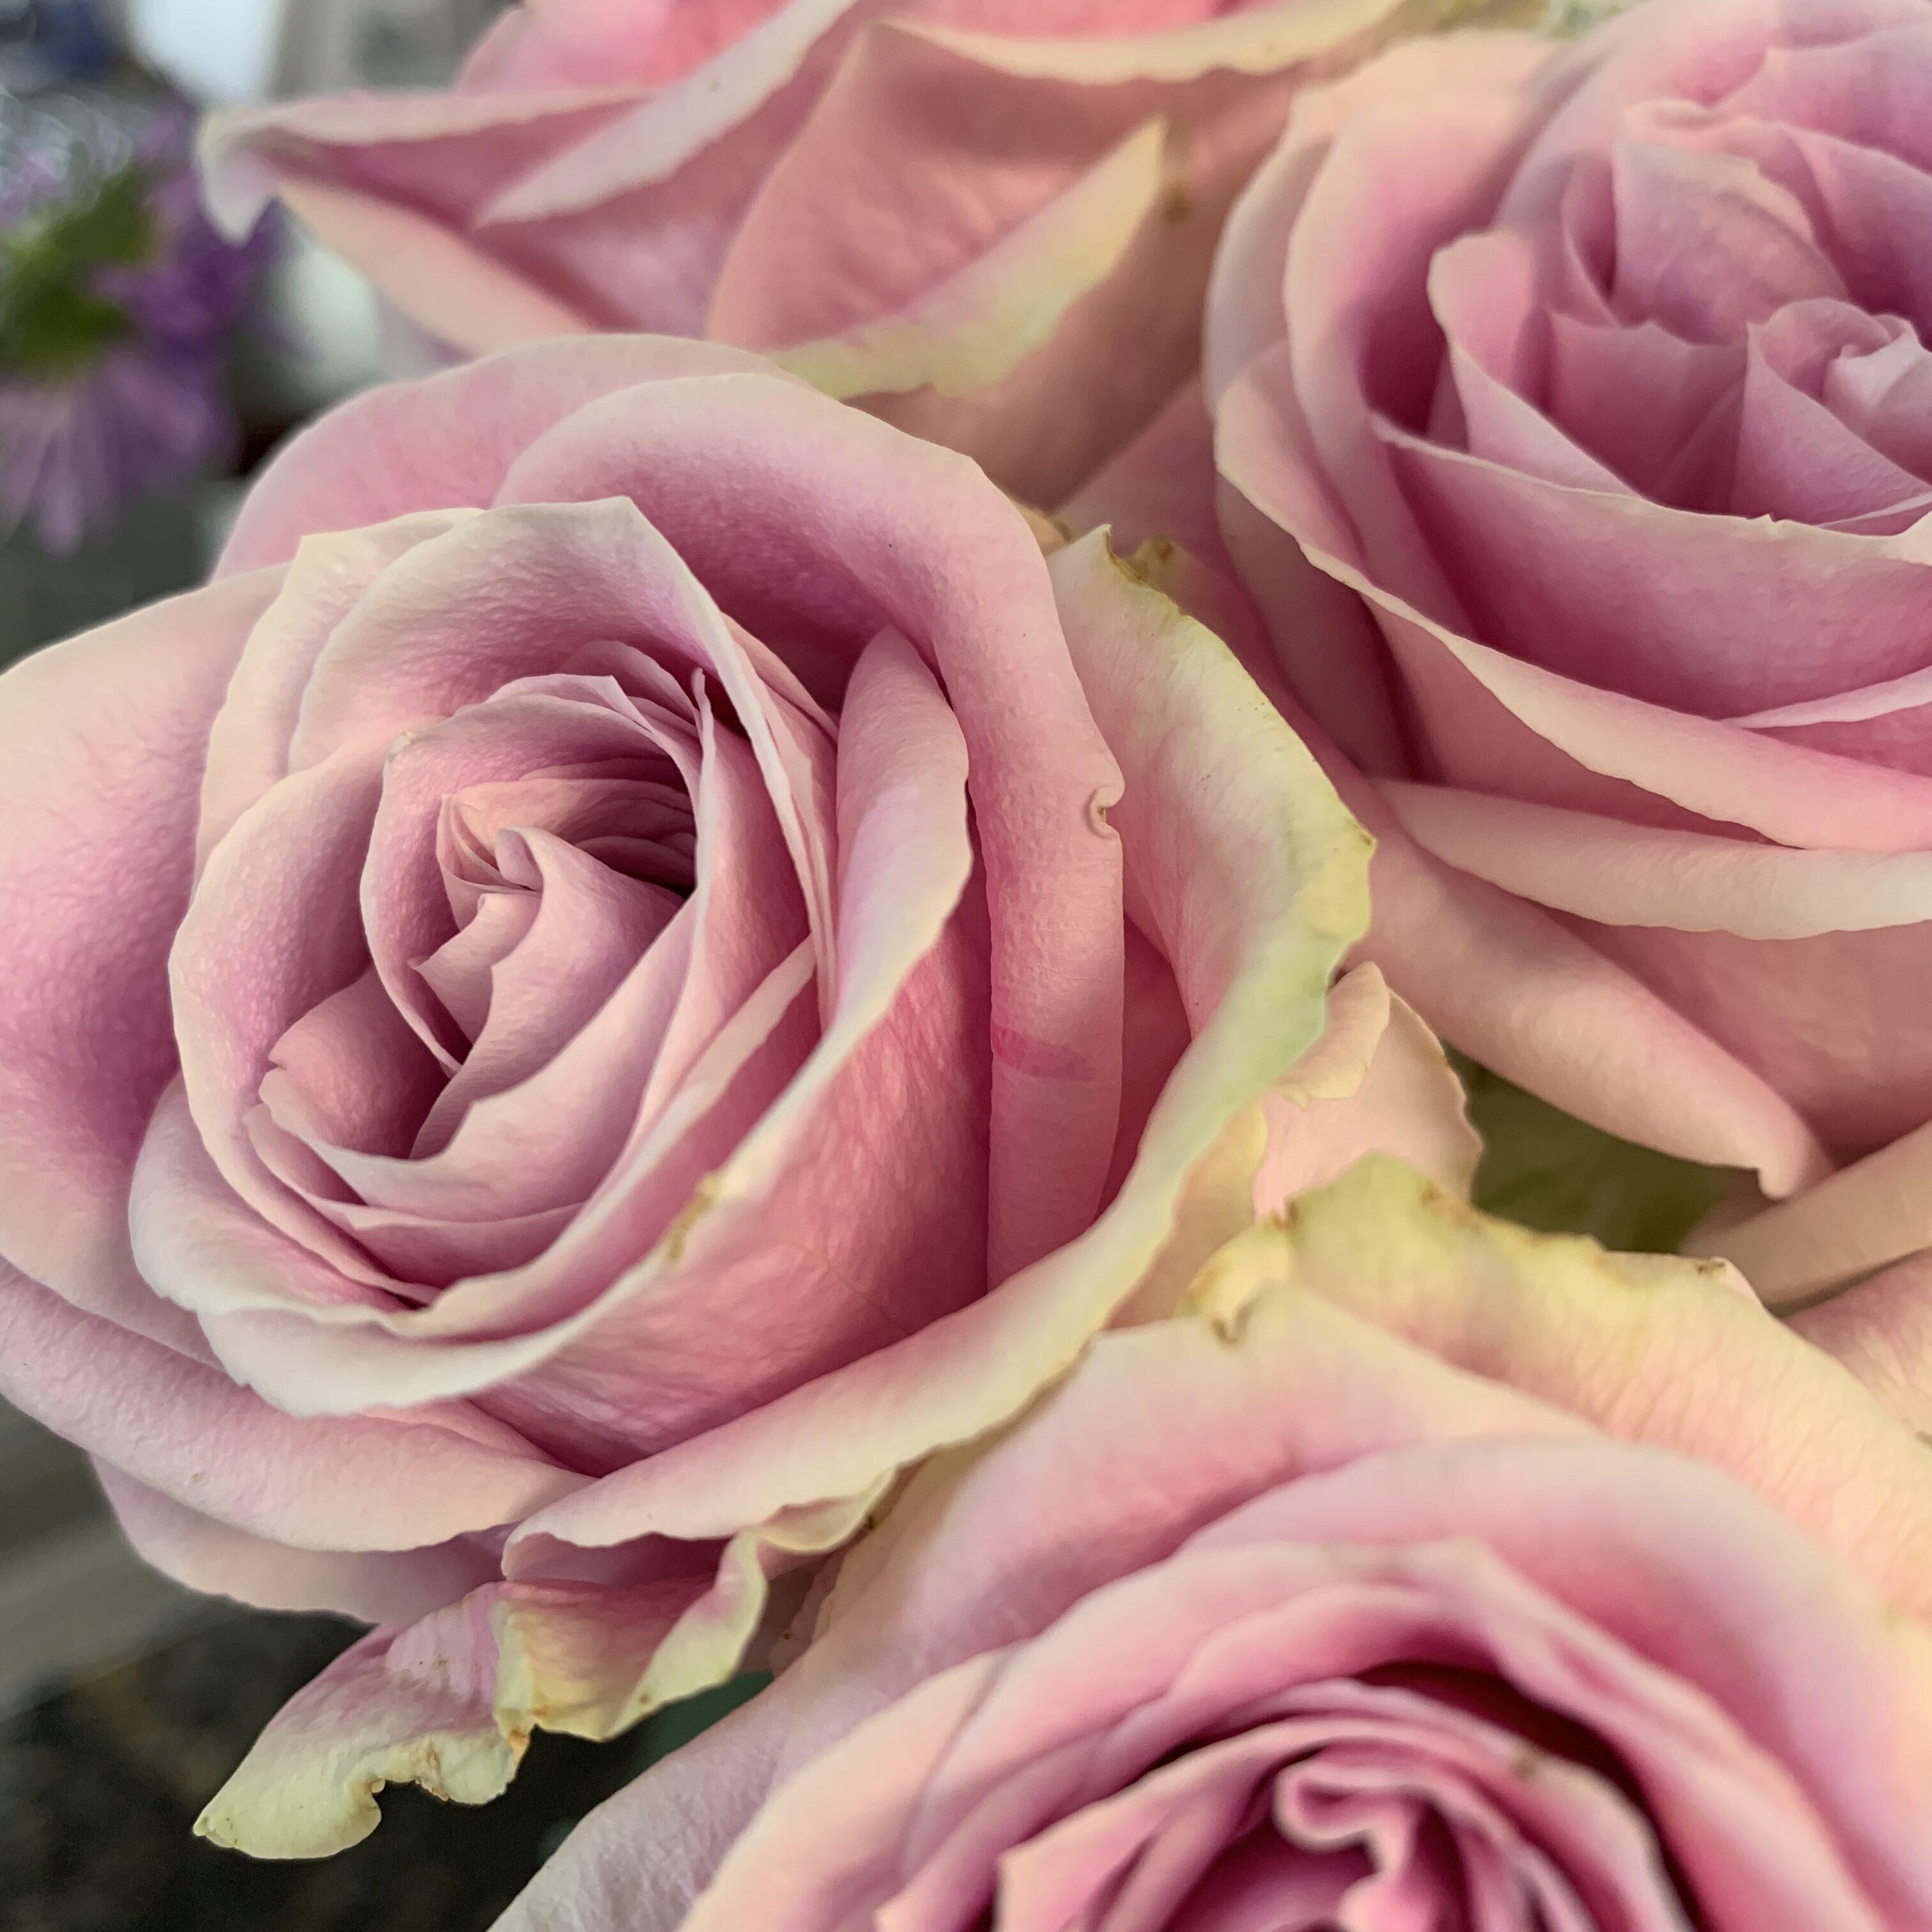 02A25777 5E6C 4FB6 8696 962FF6944EF4 Roses